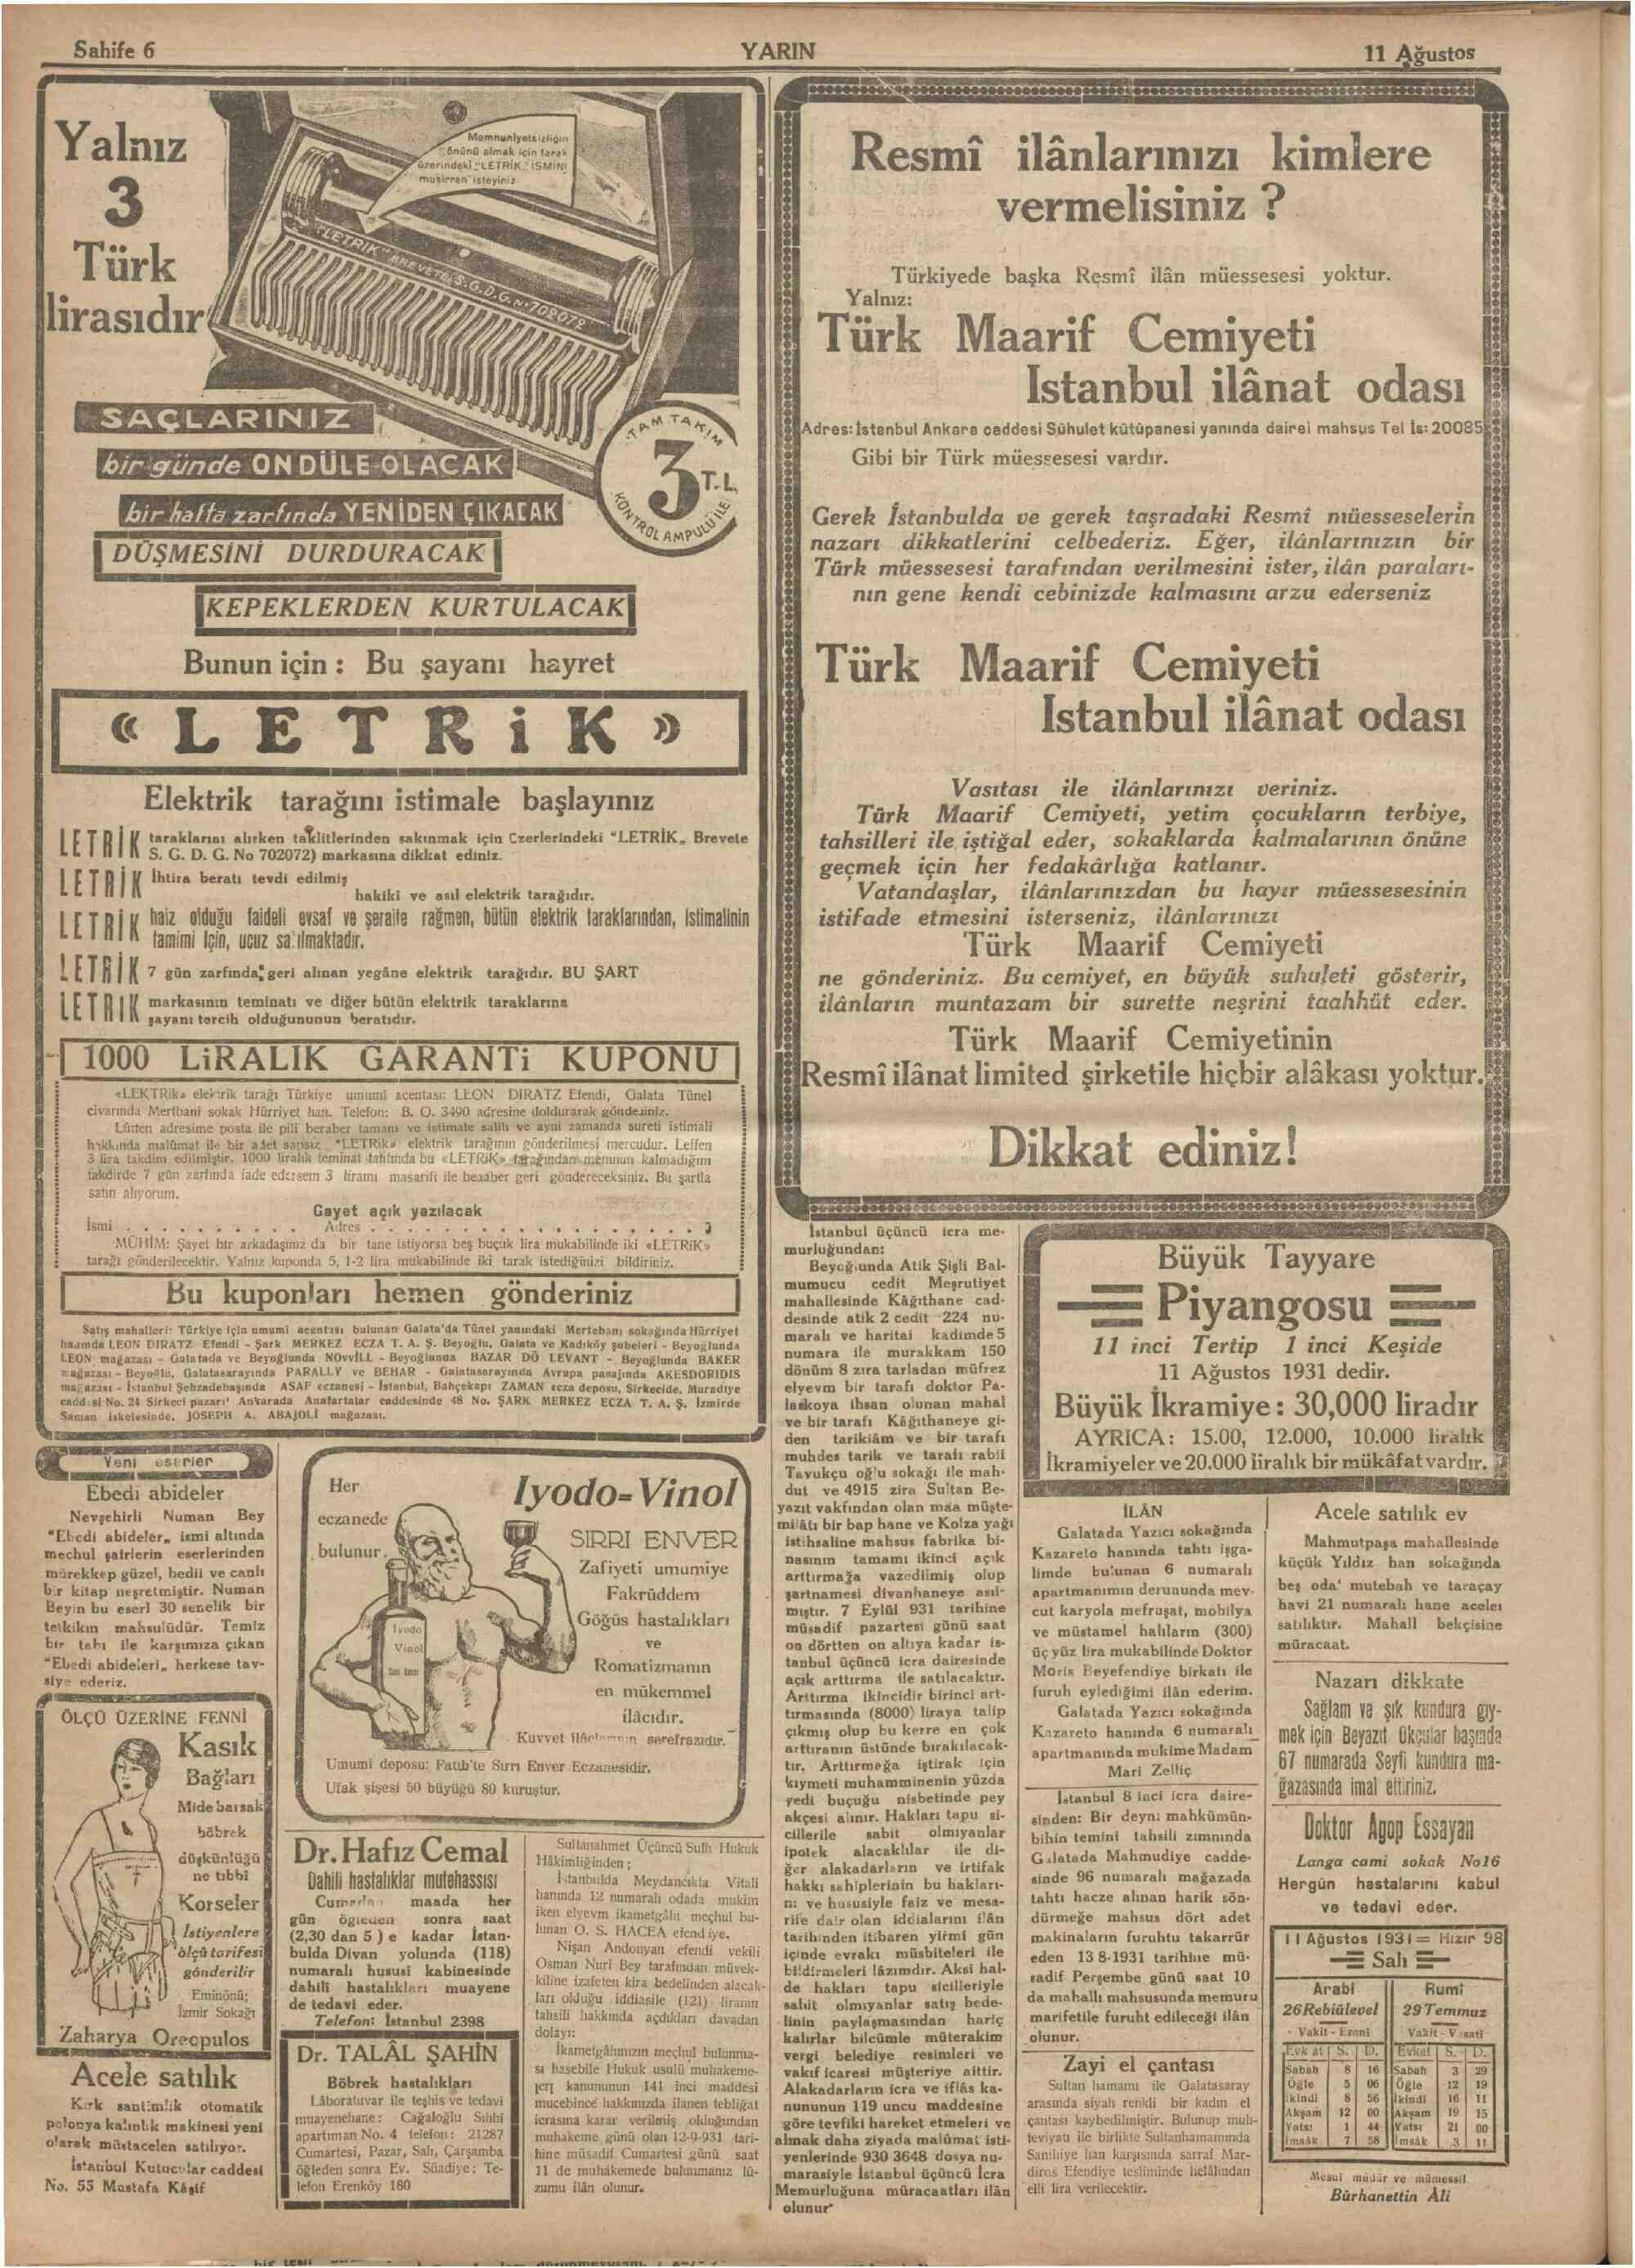 11 Ağustos 1931 Tarihli Yarın Dergisi Sayfa 6